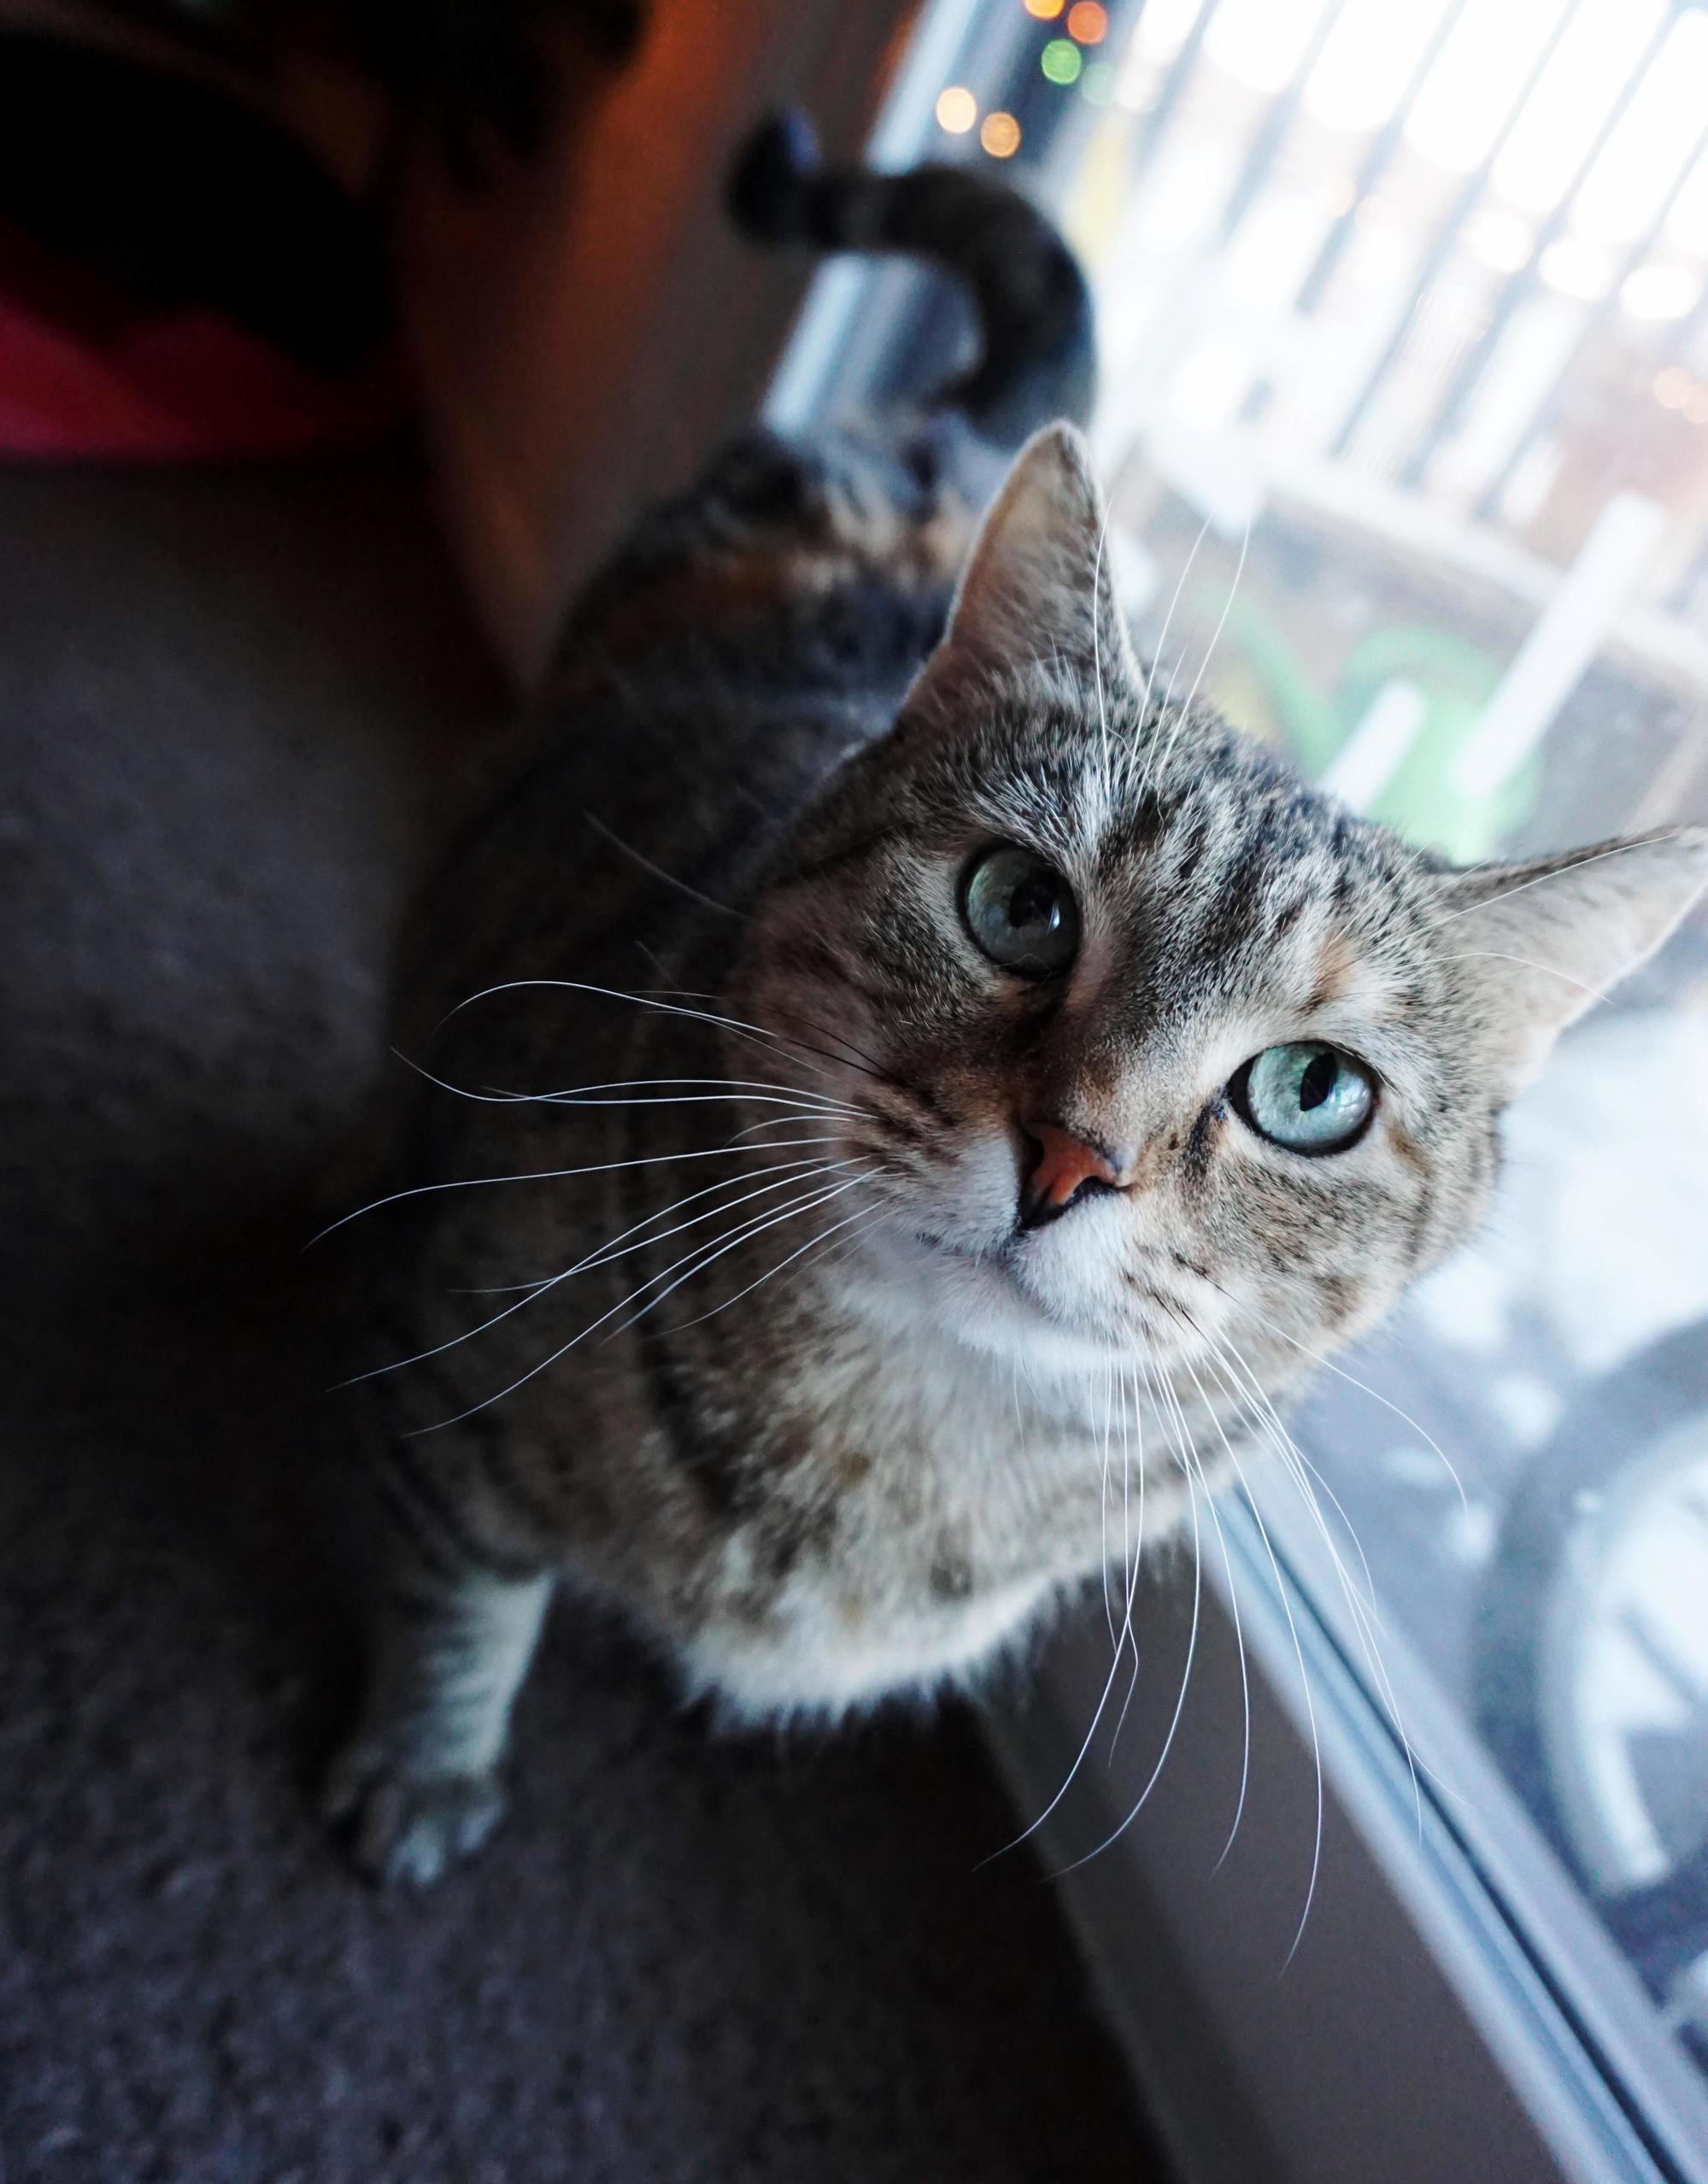 My sweet lana kitty.